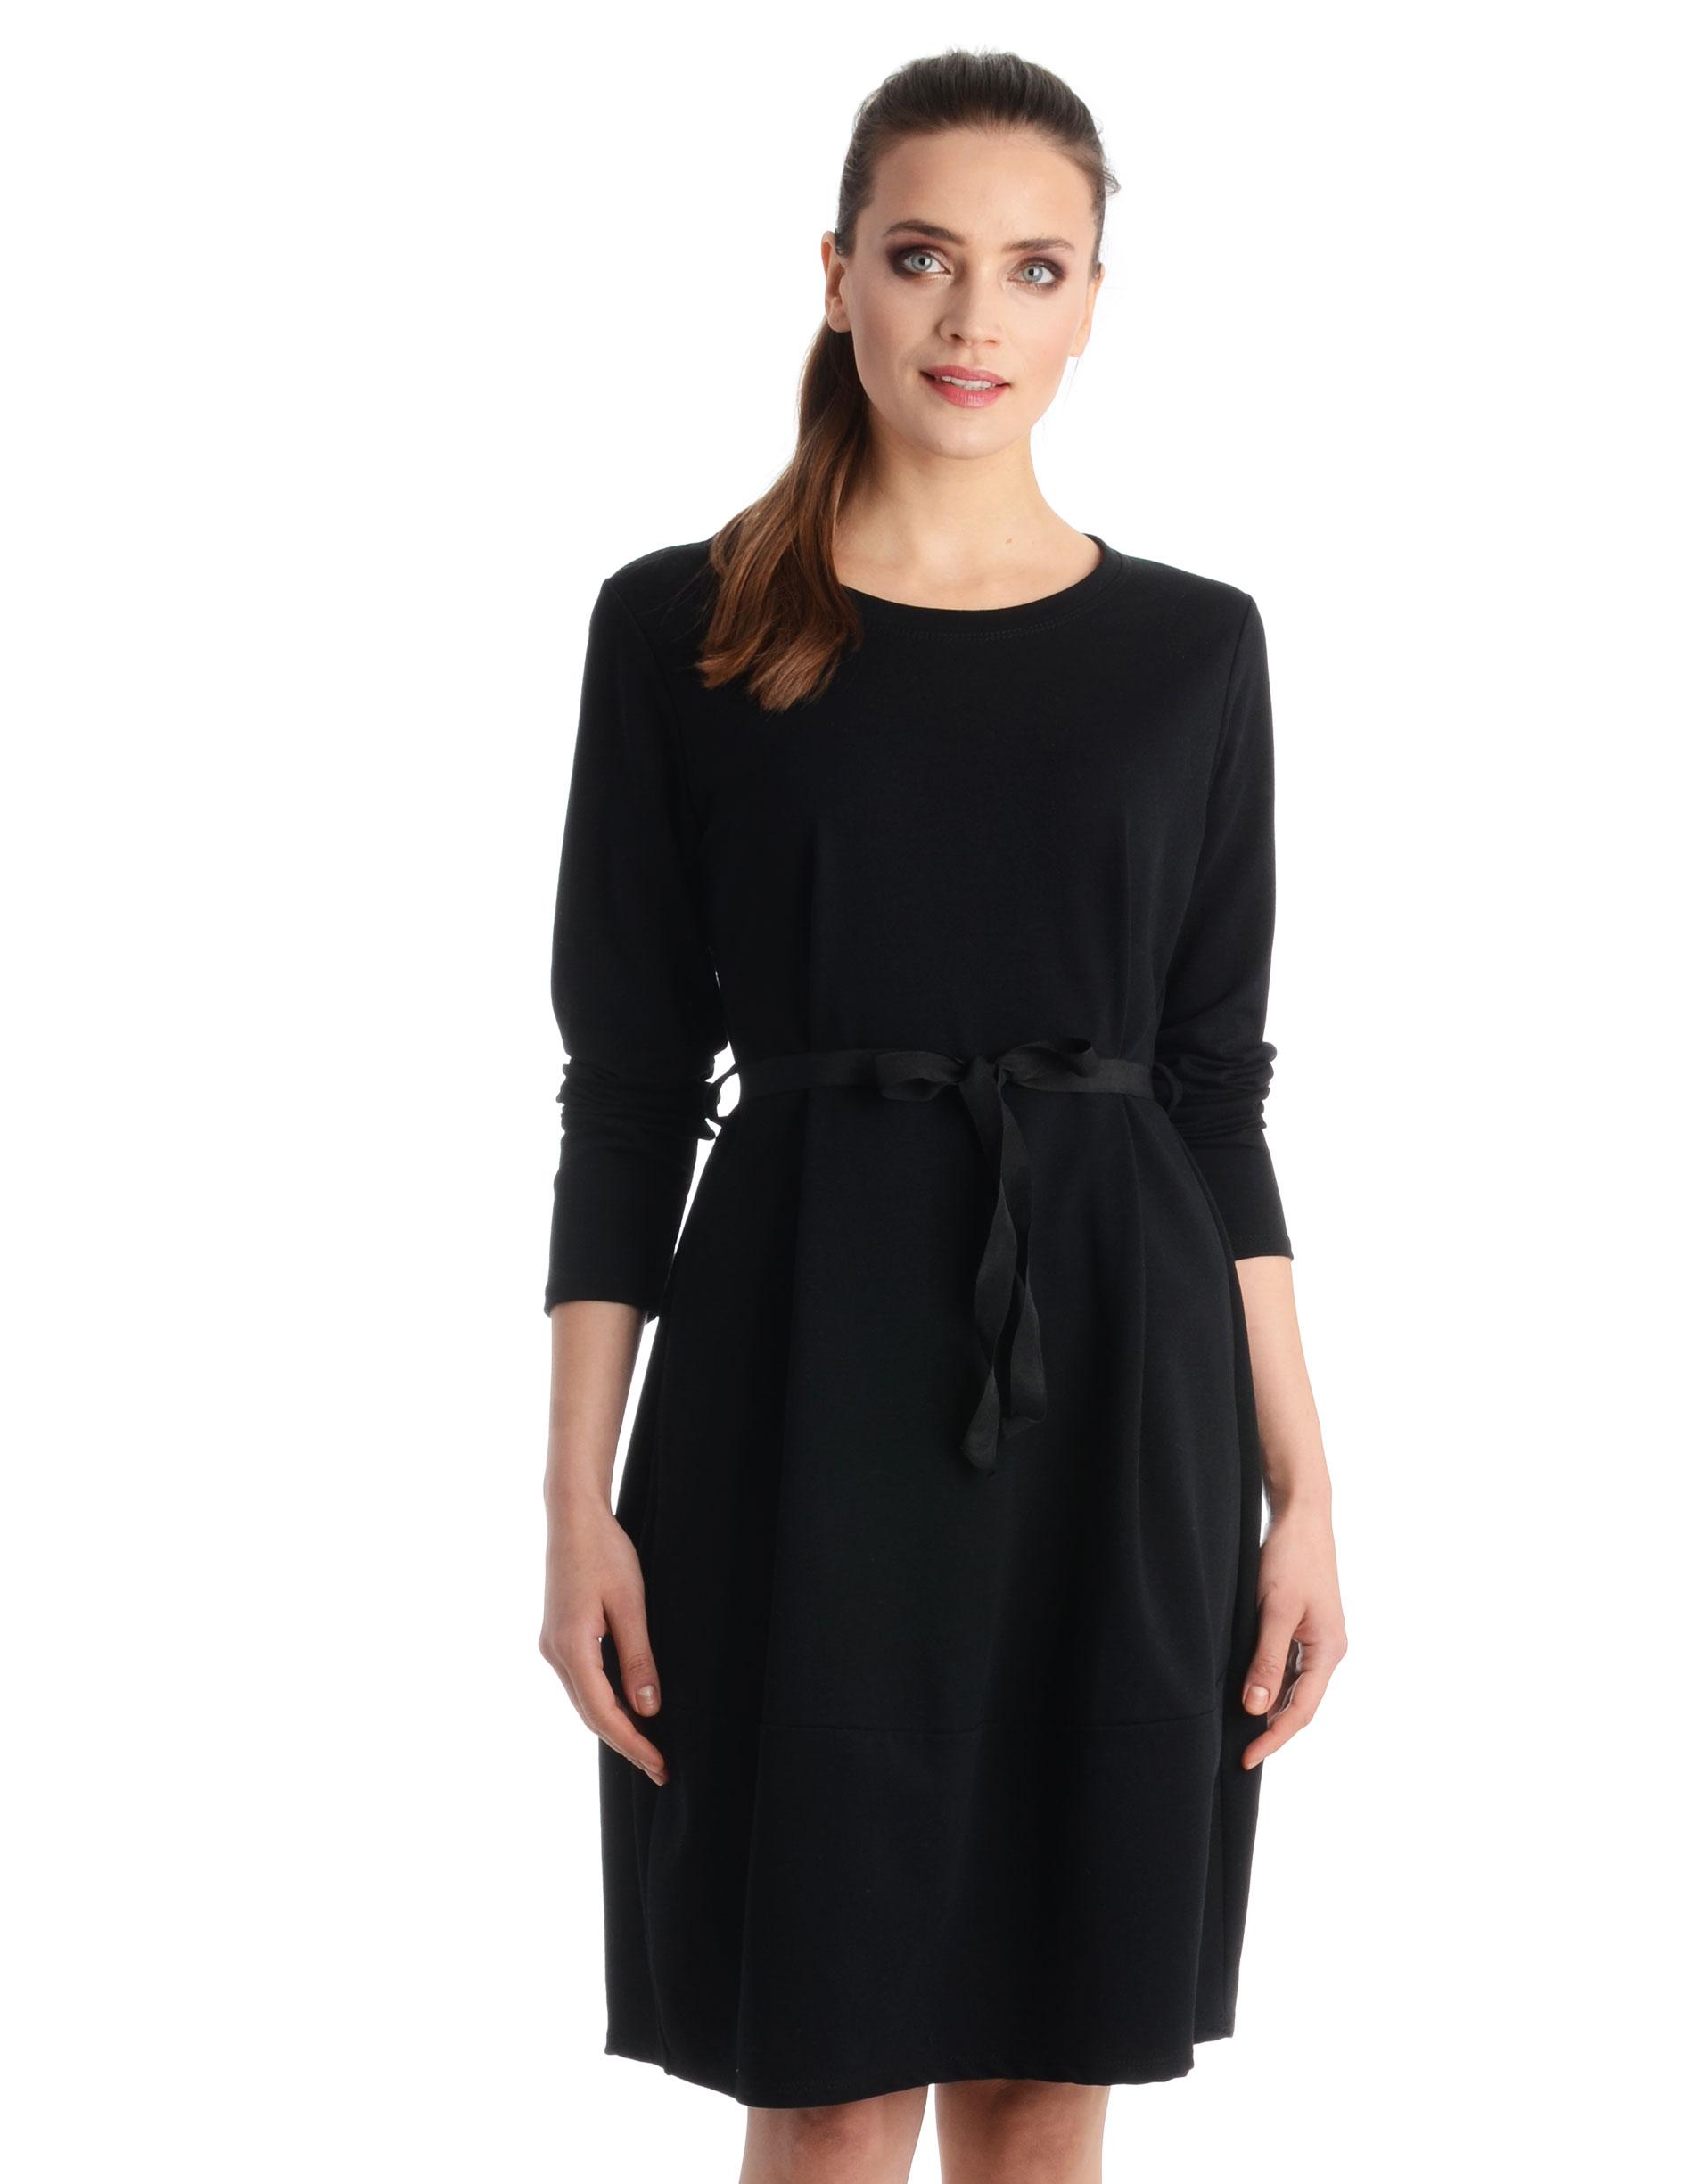 Sukienka - 109-6300 NERO - Unisono